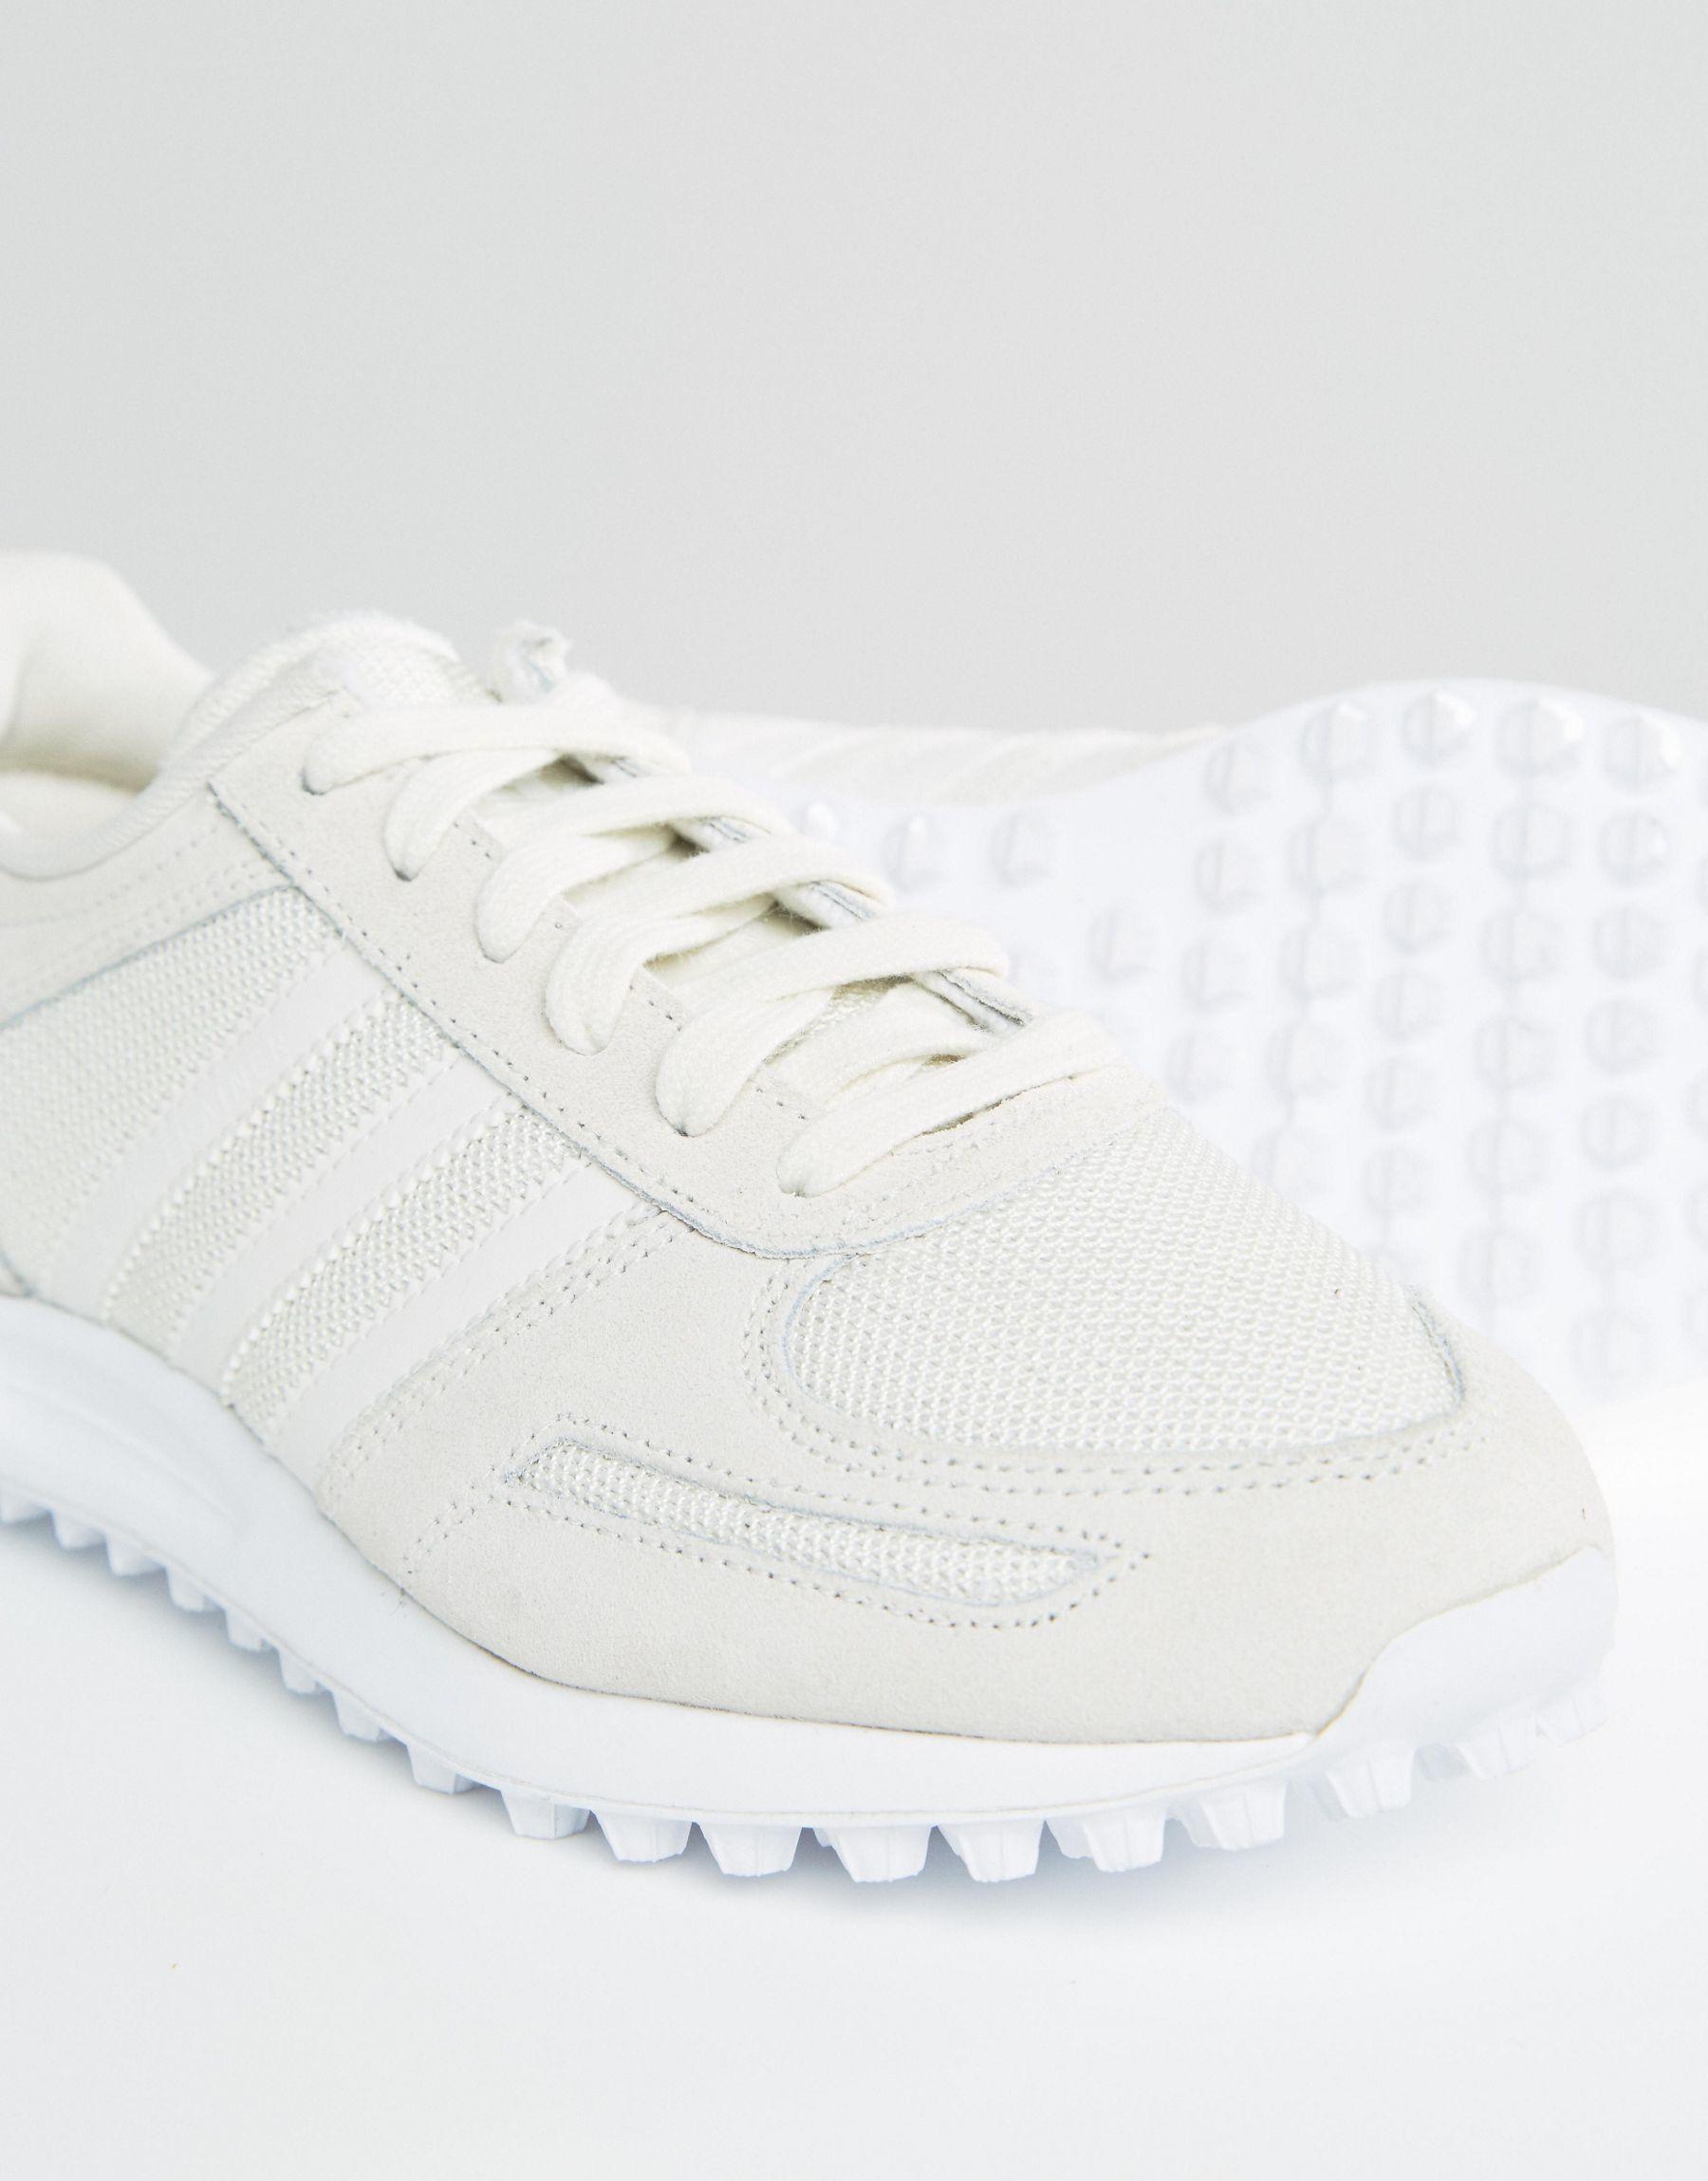 Lyst adidas originali originali gelato e sabbia la formatori in bianco.